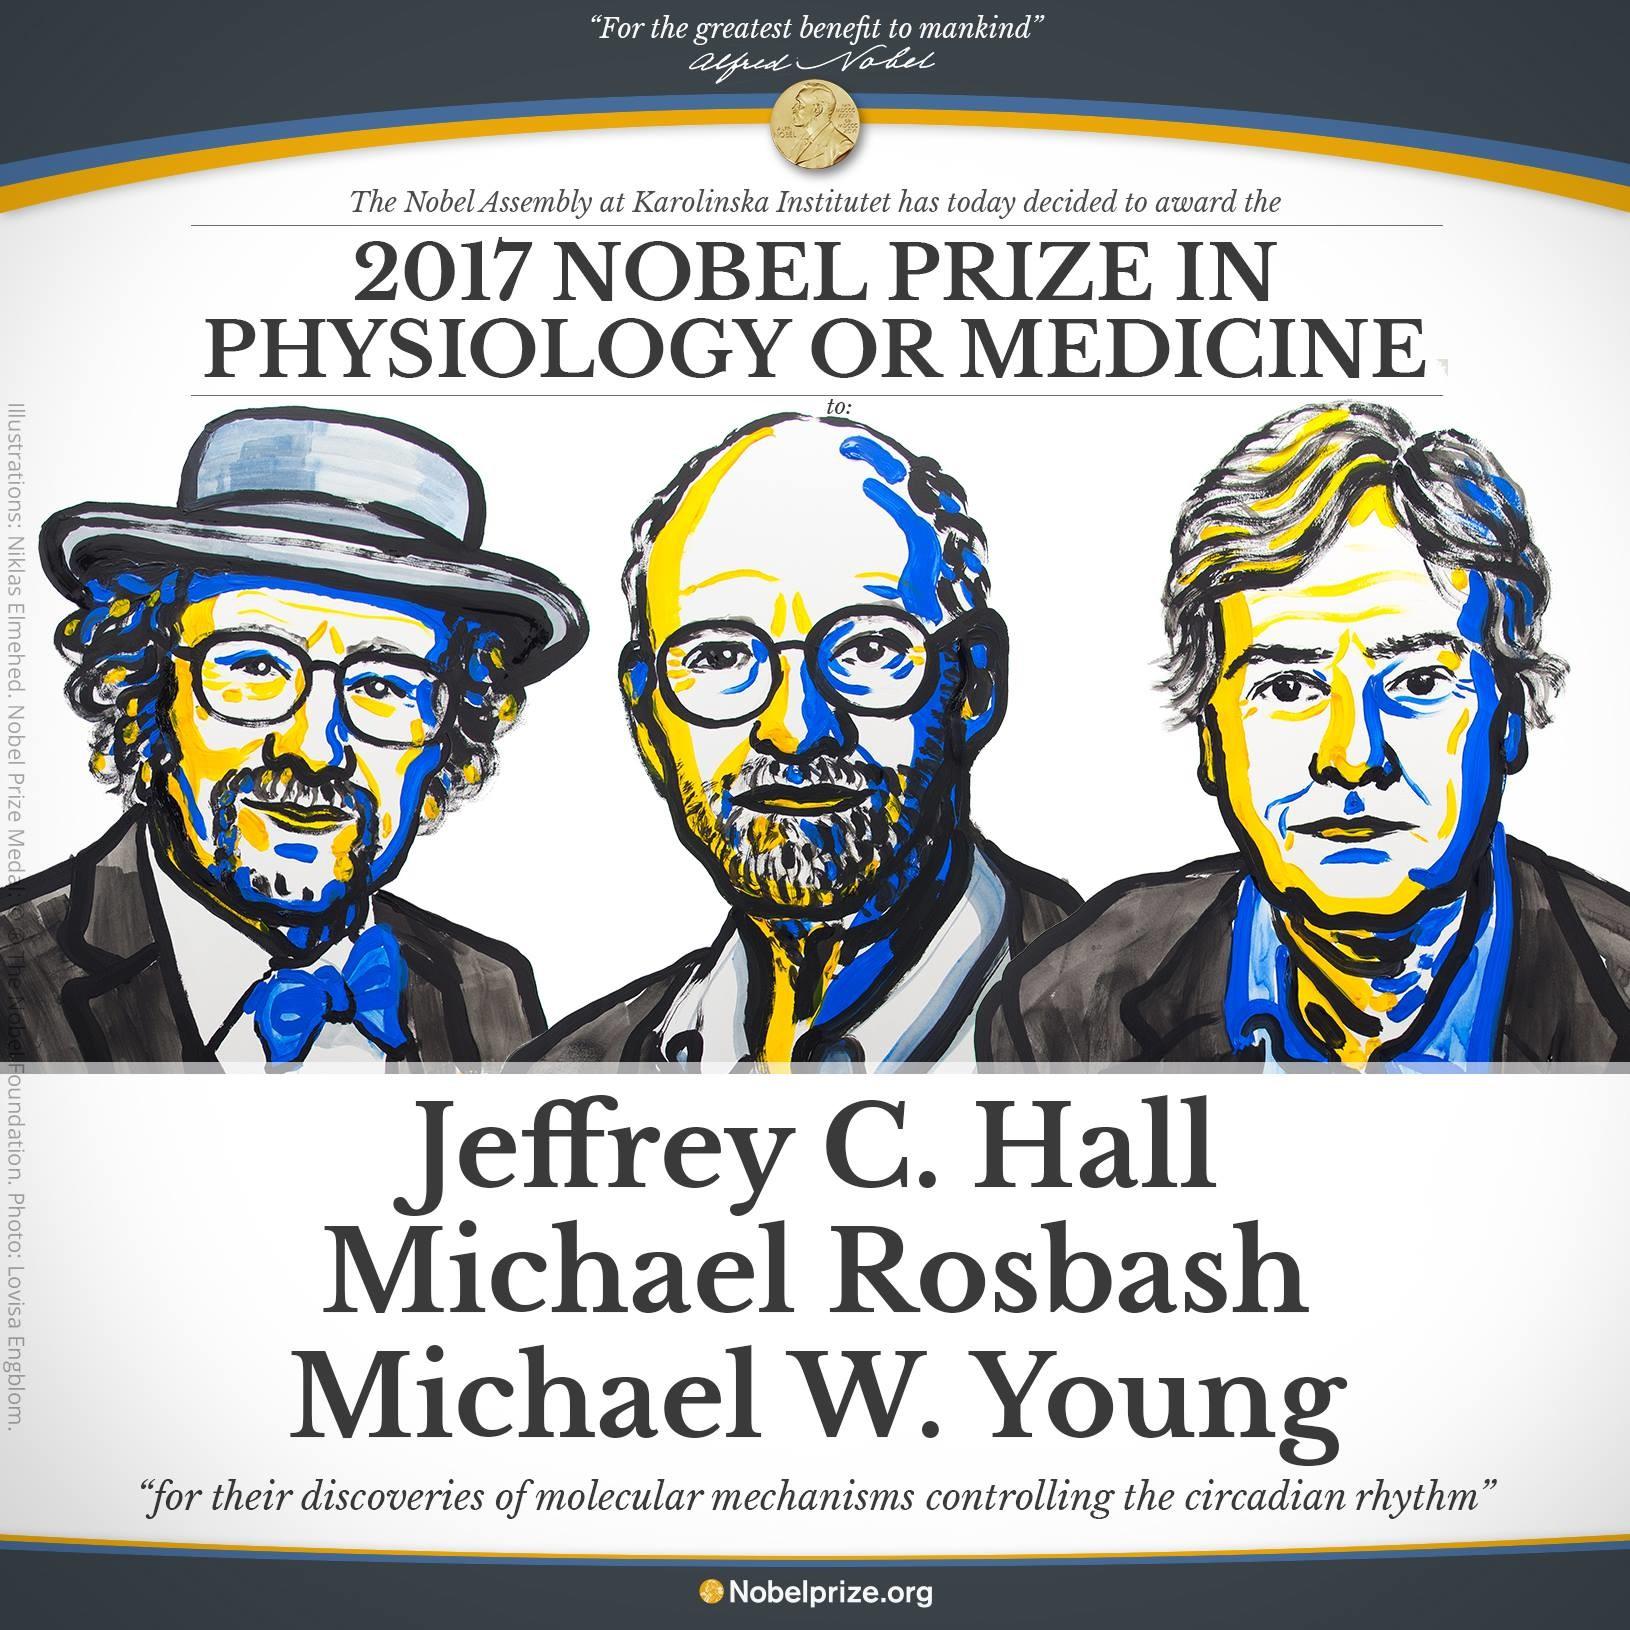 برندگان جایزه نوبل فیزیولوژی و پزشکی 2017